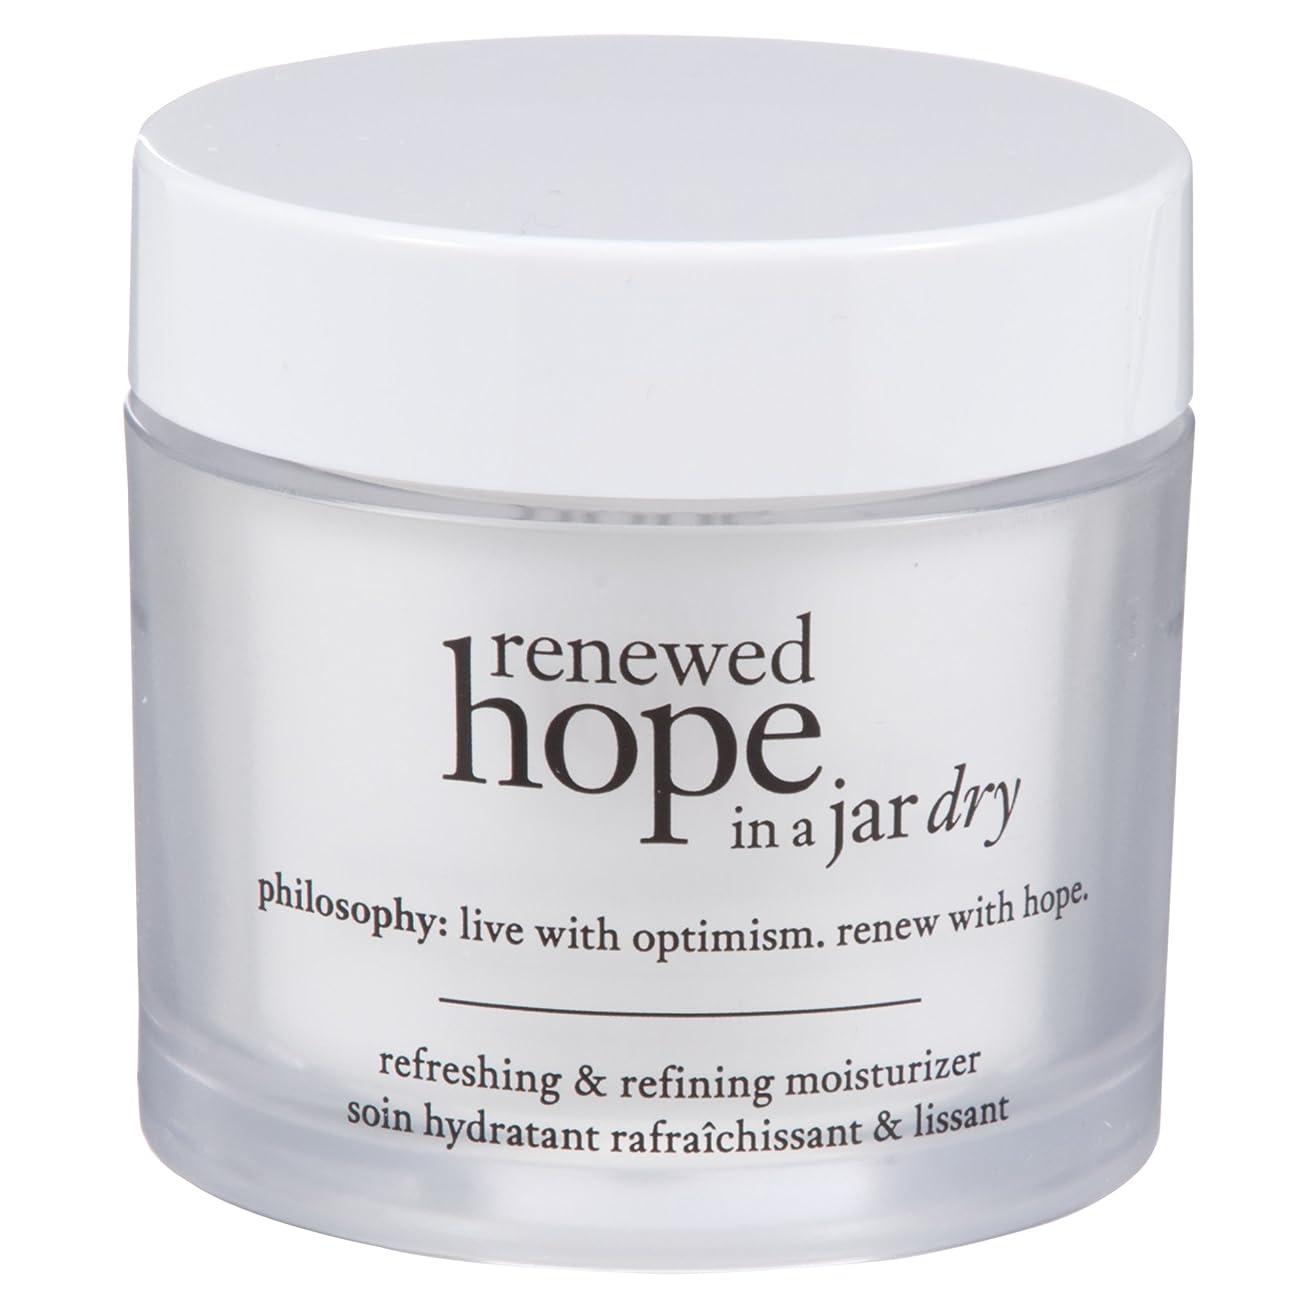 無実行するベット瓶乾燥肌の保湿60ミリリットルで哲学新たな希望 (Philosophy) - Philosophy Renewed Hope in a Jar Dry Skin Moisturiser 60ml [並行輸入品]